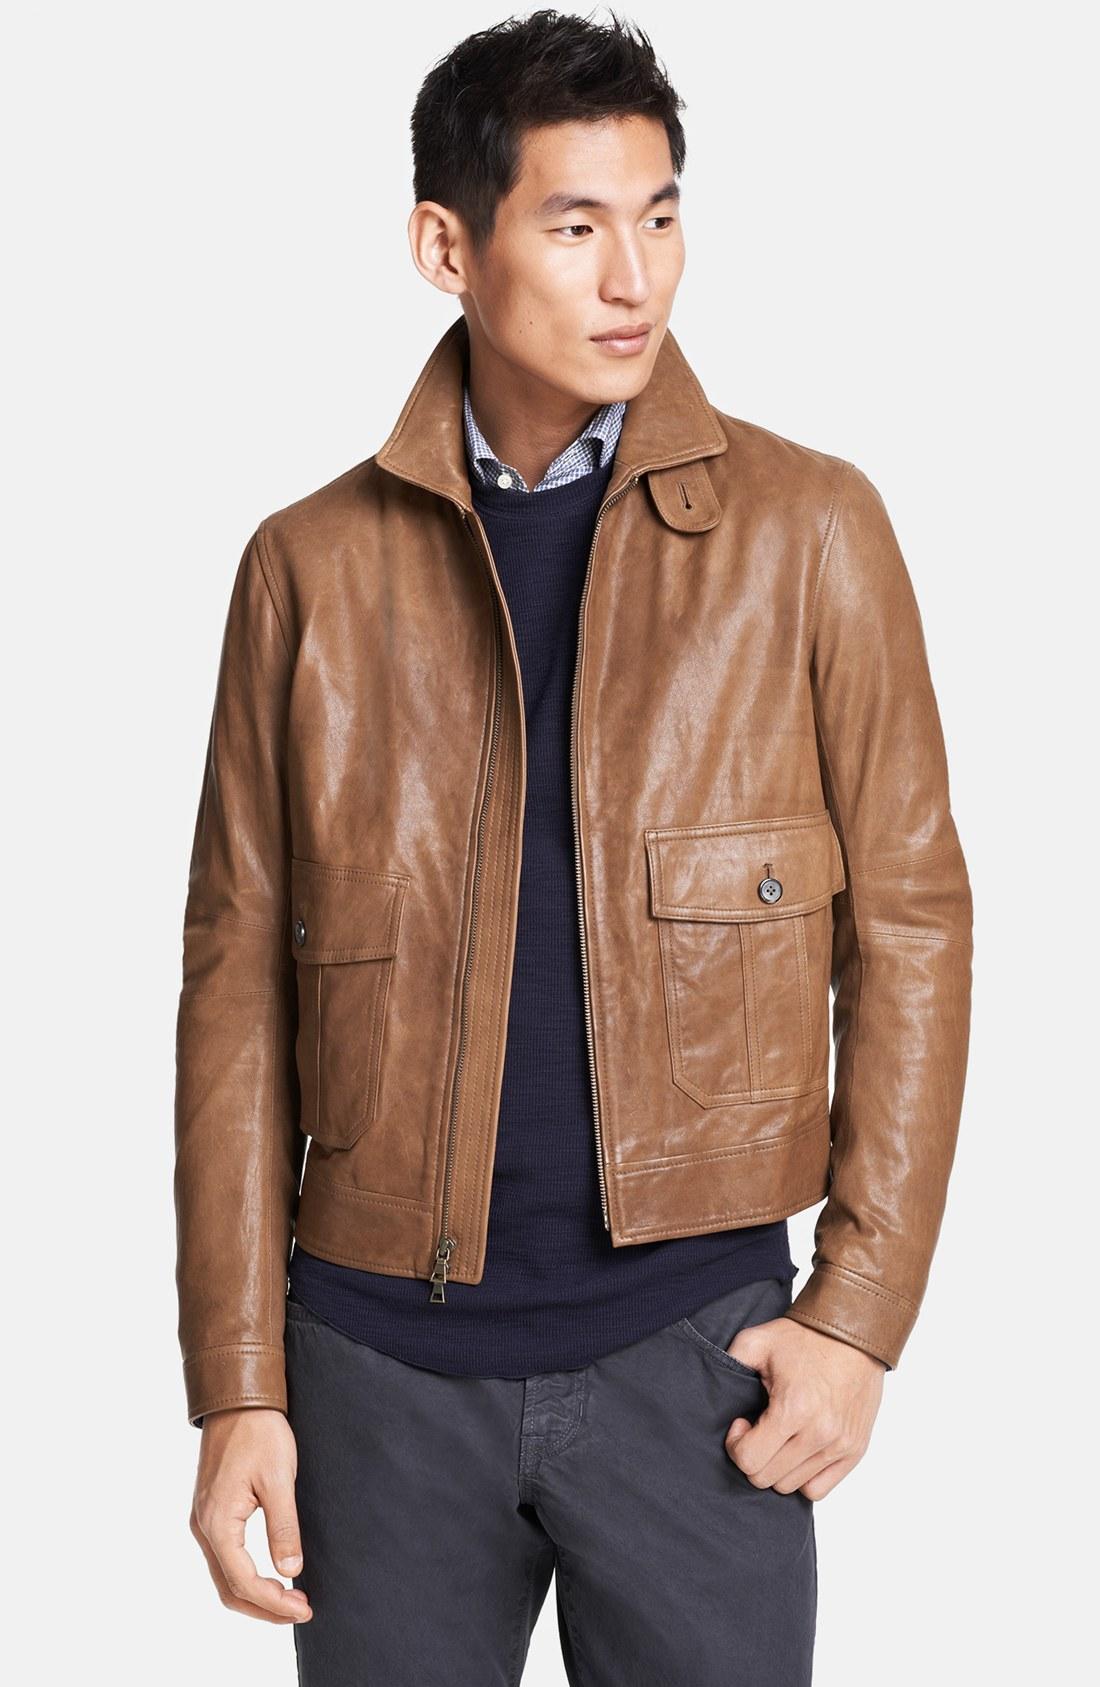 Vince Leather Bomber Jacket In Brown For Men Camel Lyst